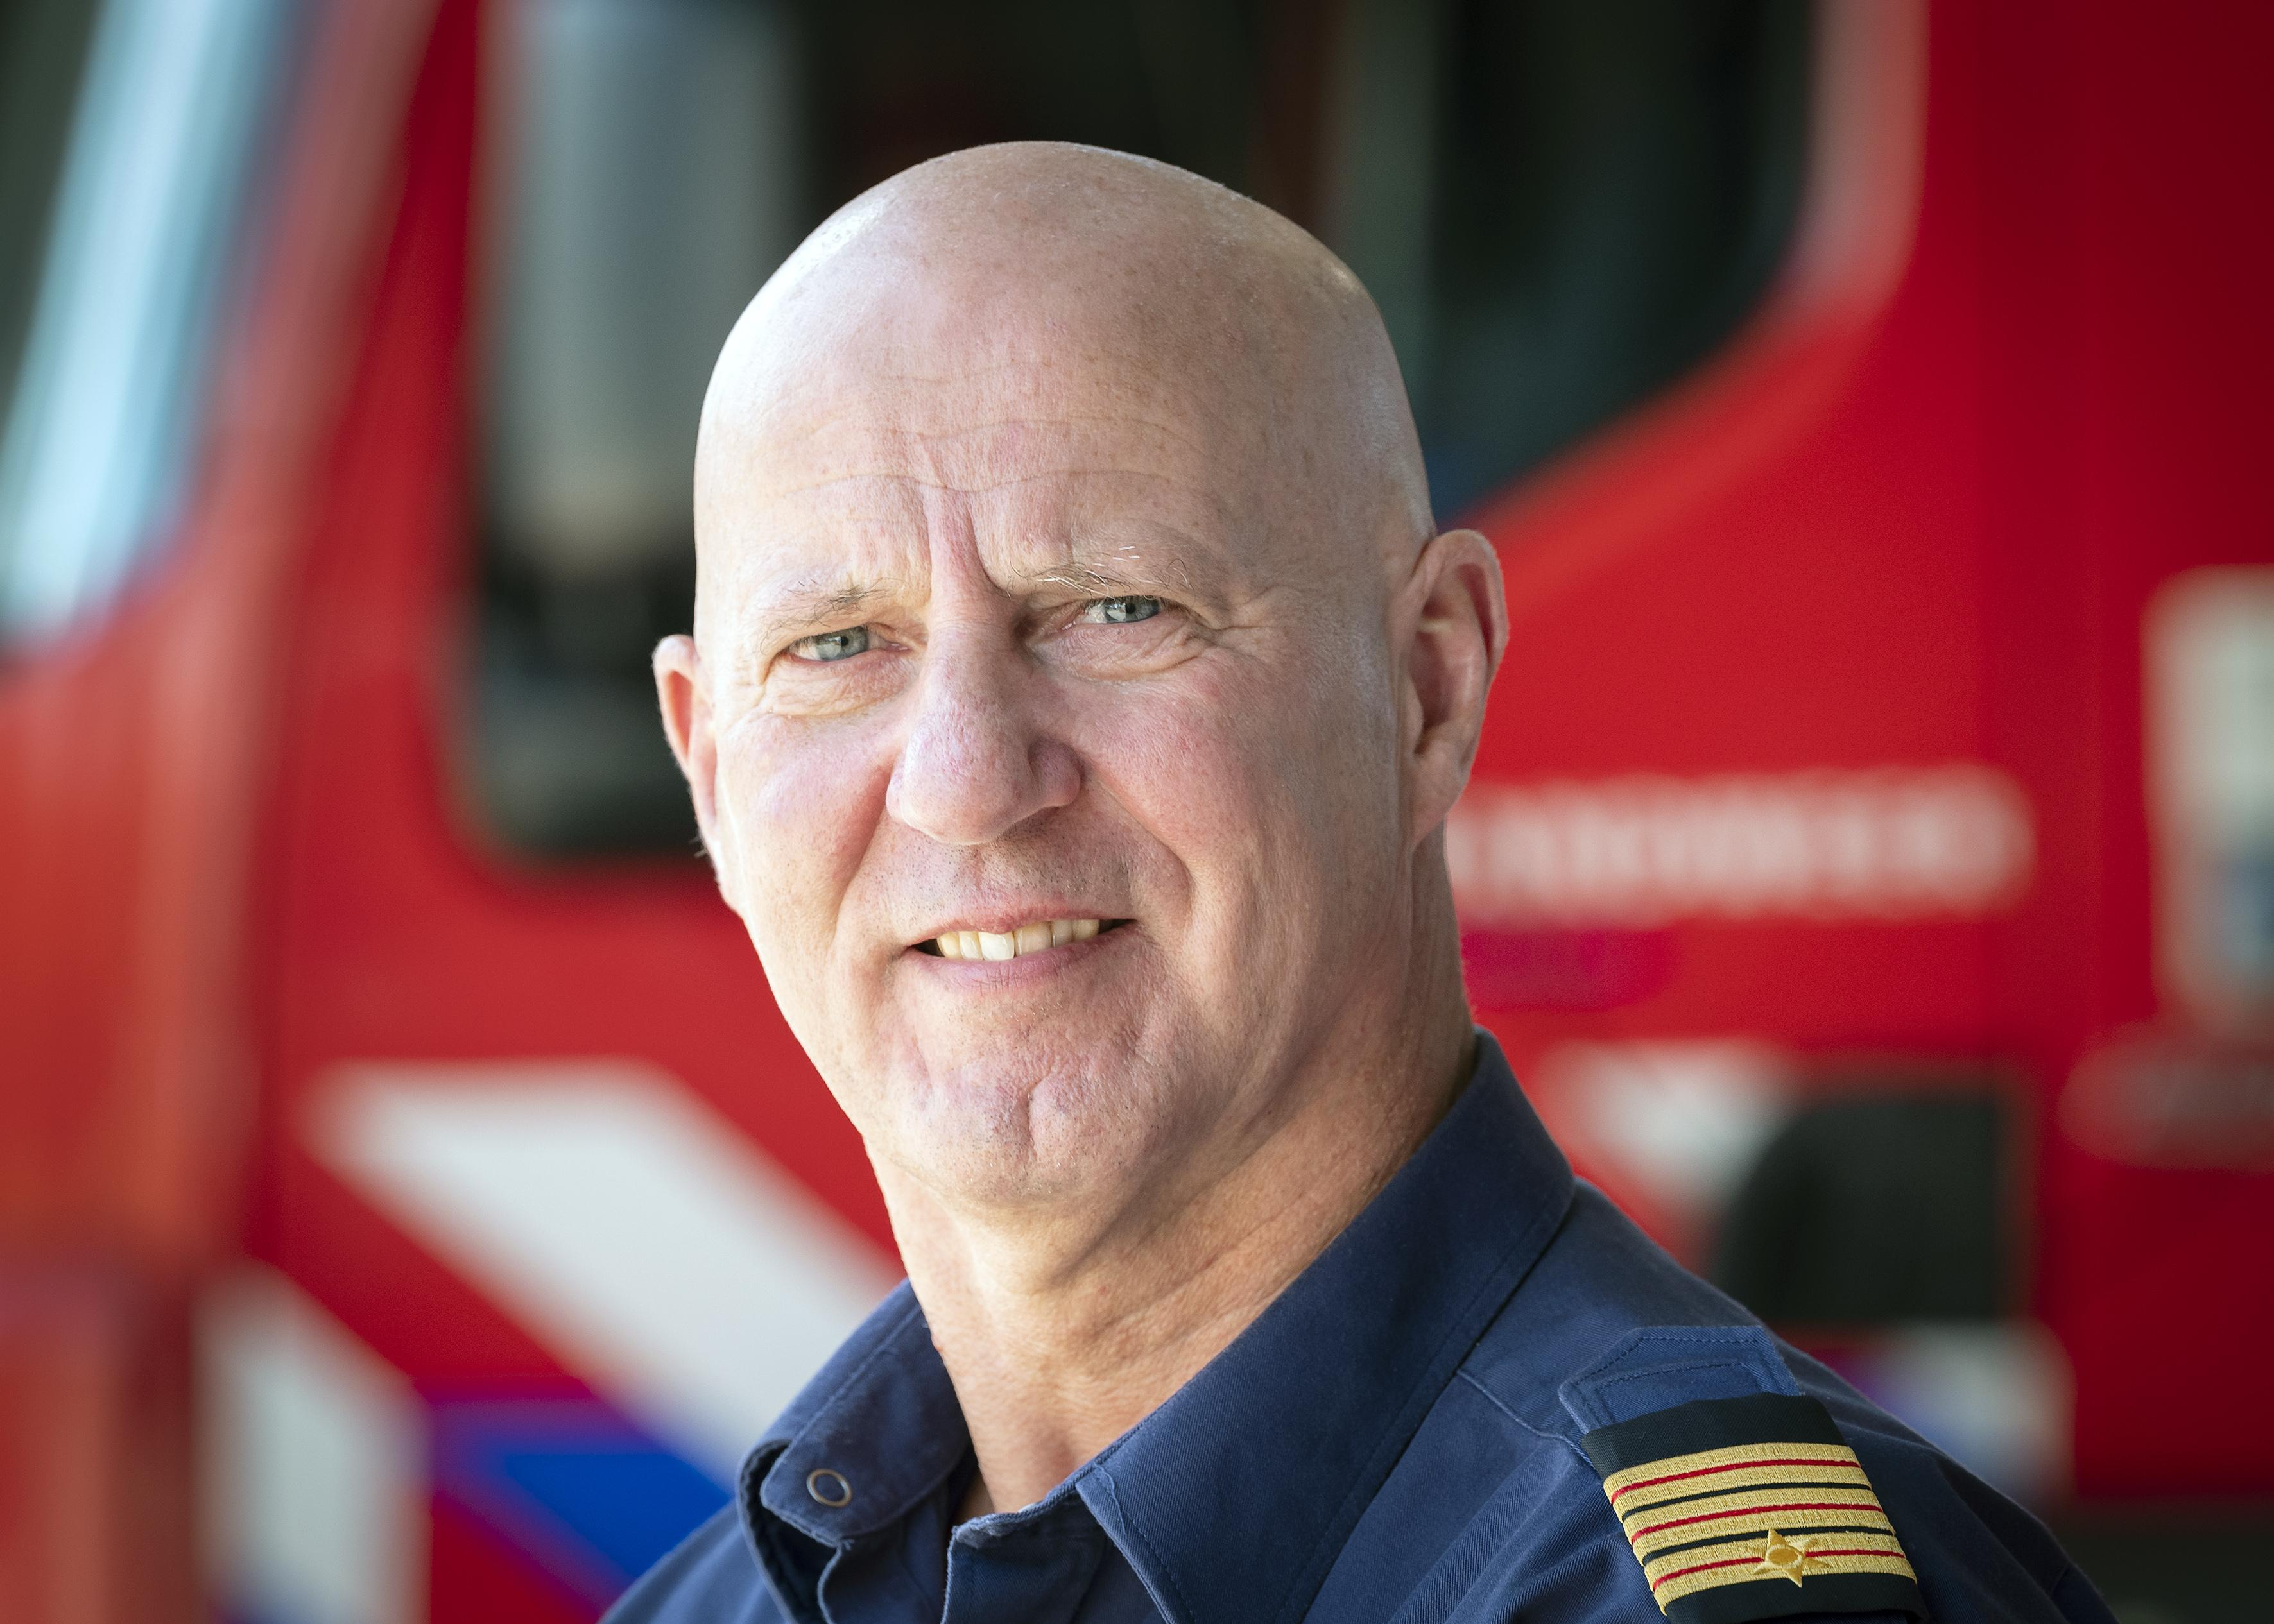 Brandweer over het blussen van een autobrand: 'We steken het niet aan, dus komen altijd te laat'